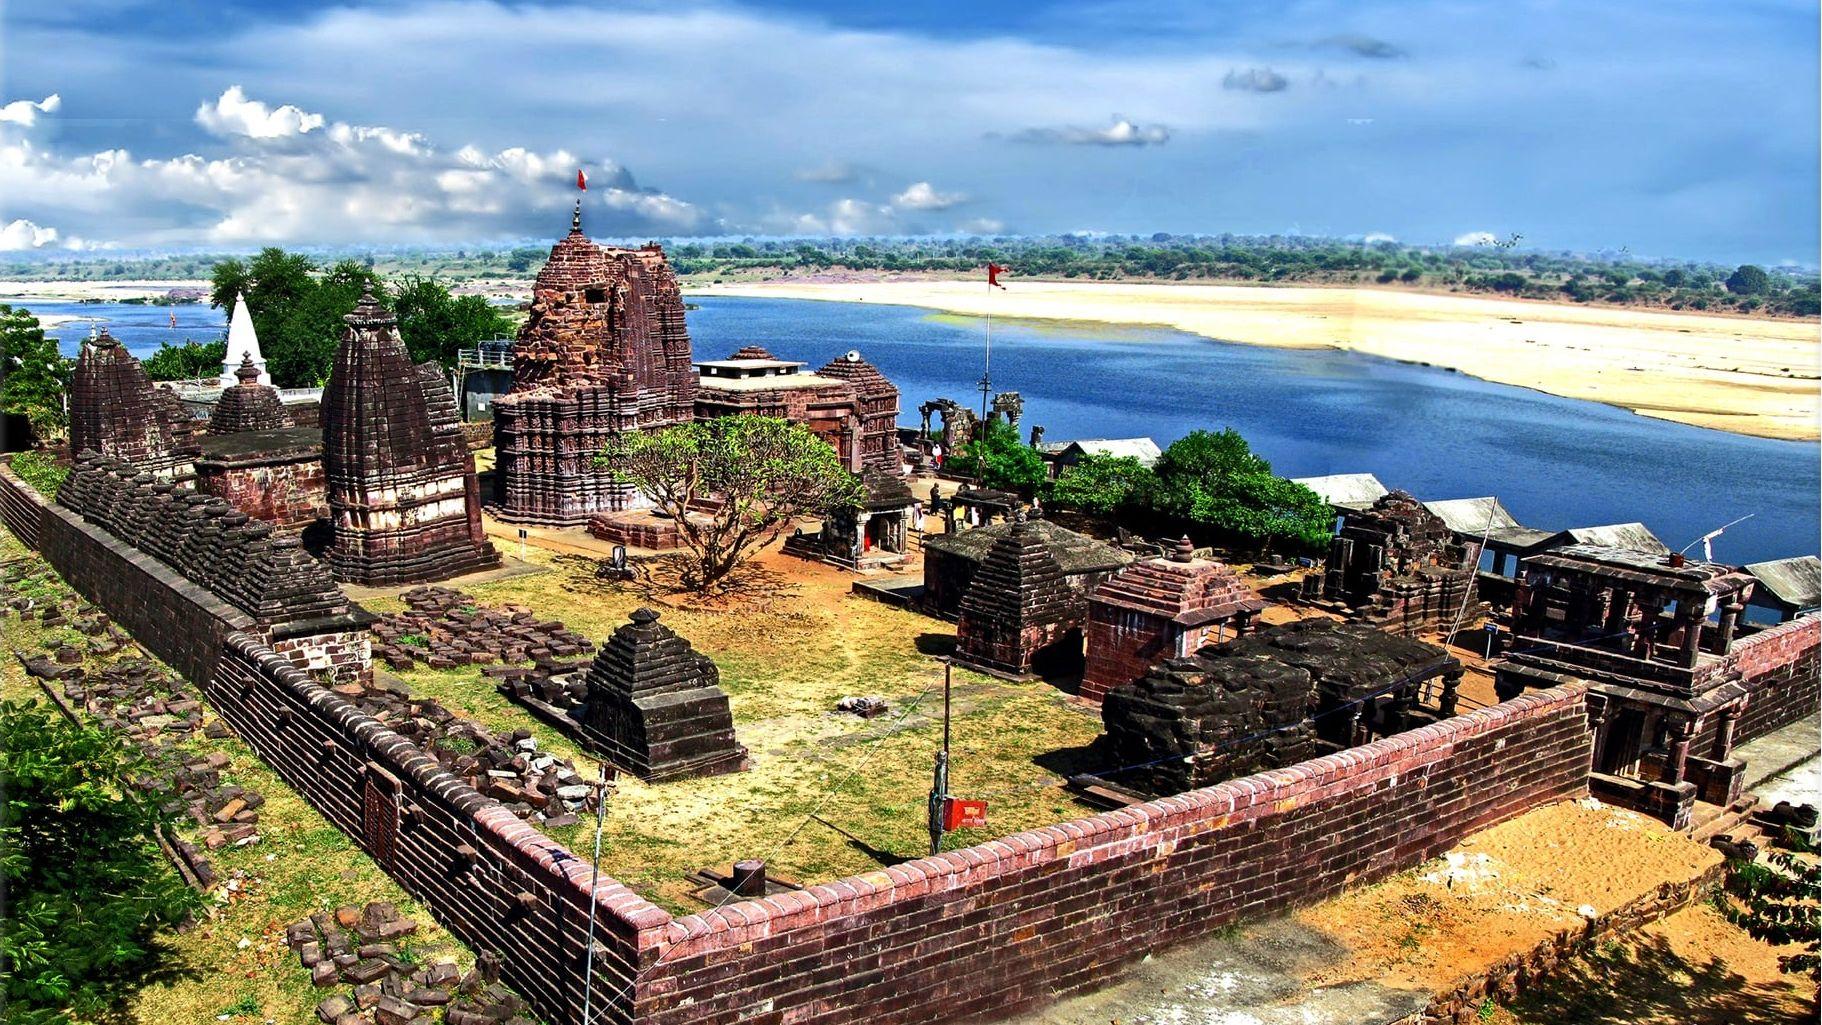 मार्कण्डा मंदिर –विदर्भ का खजुराहो